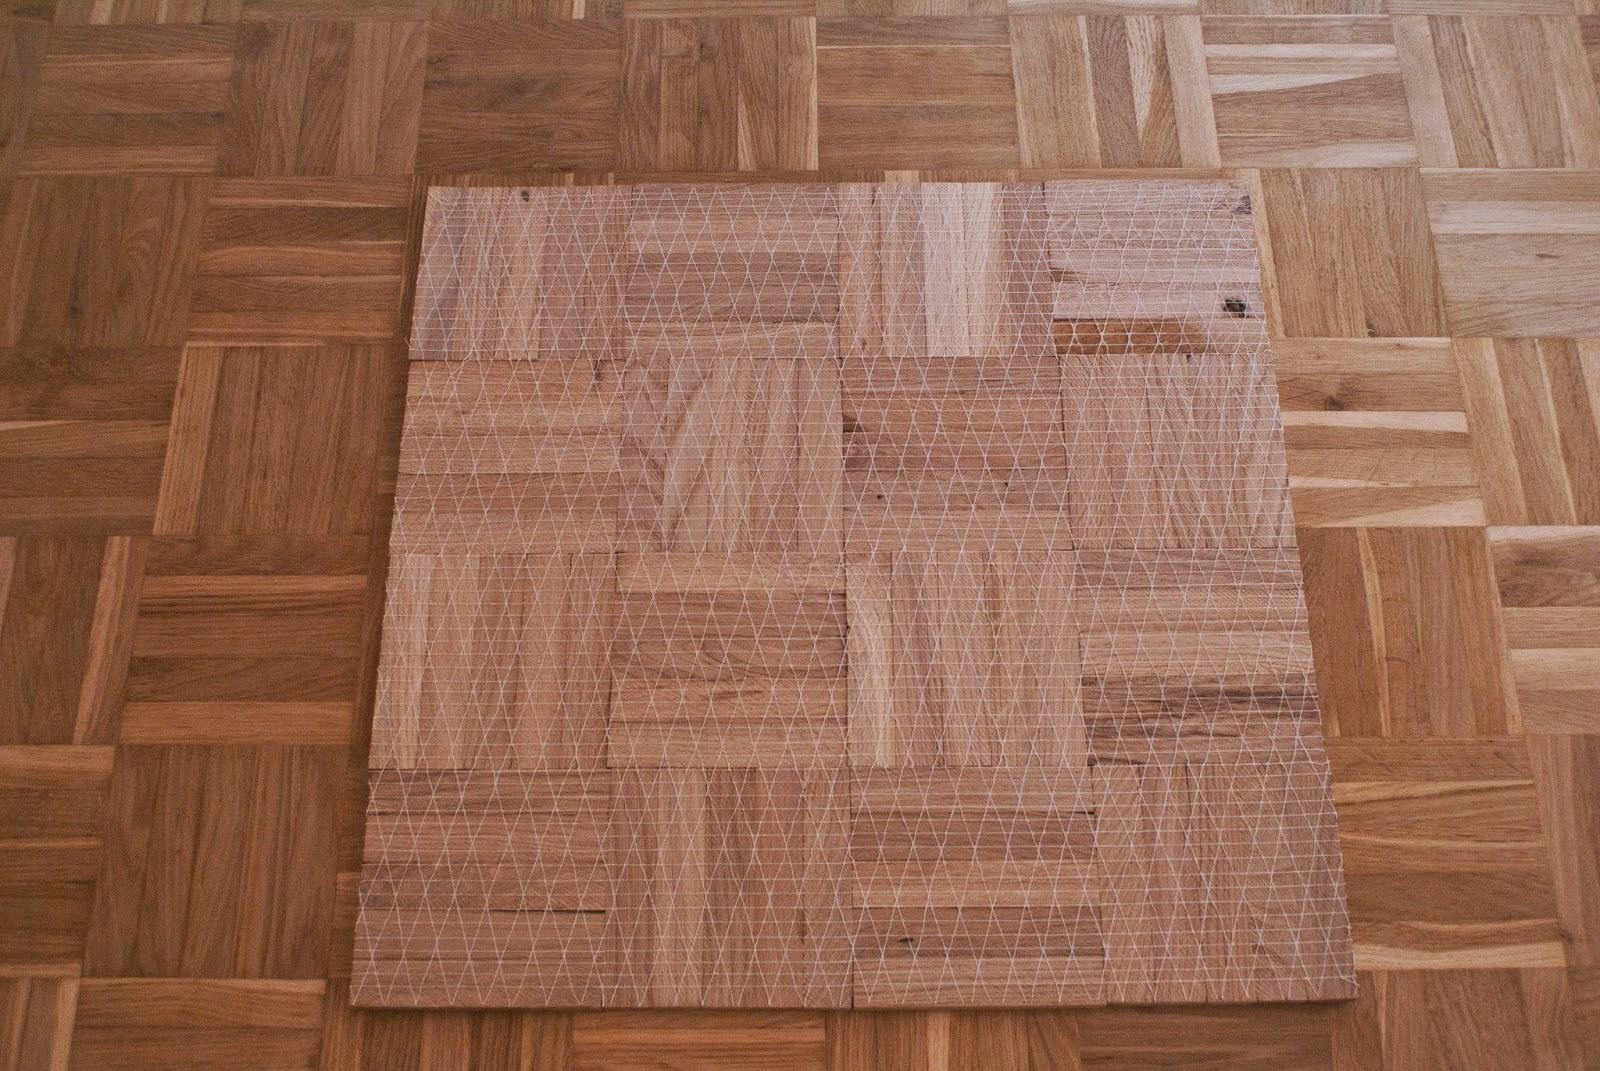 la norma que regula el parquet mosaico es la uneen